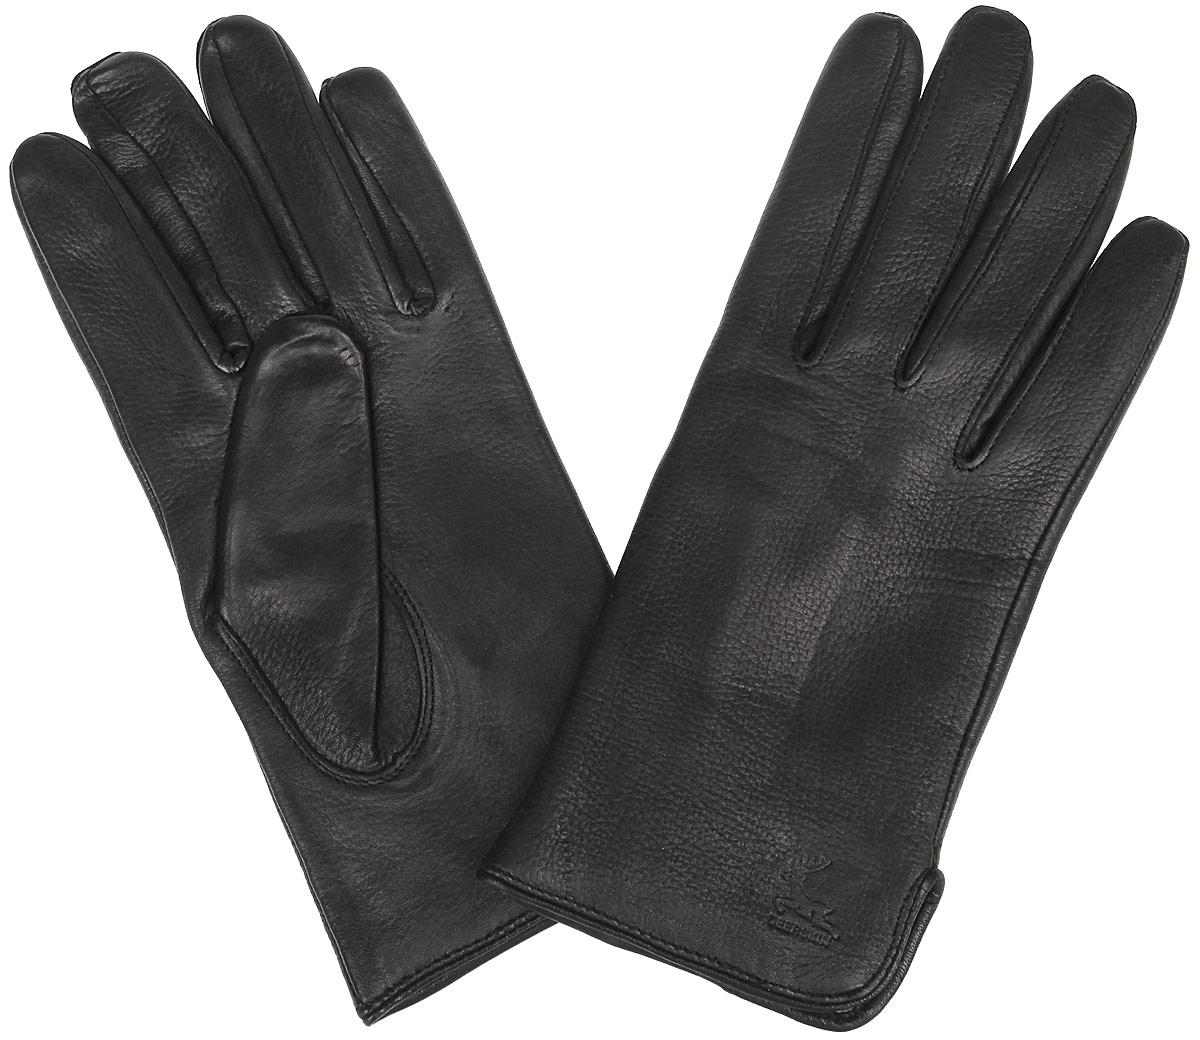 HP606Классические мужские перчатки Eleganzza станут великолепным дополнением вашего образа и защитят ваши руки от холода и ветра во время прогулок. Перчатки выполнены из натуральной кожи и имеют подкладку из шерсти, что позволяет им надежно сохранять тепло и обеспечивает высокую гигроскопичность. Такие перчатки будут оригинальным завершающим штрихом в создании современного модного образа, они подчеркнут ваш изысканный вкус и станут незаменимым и практичным аксессуаром.